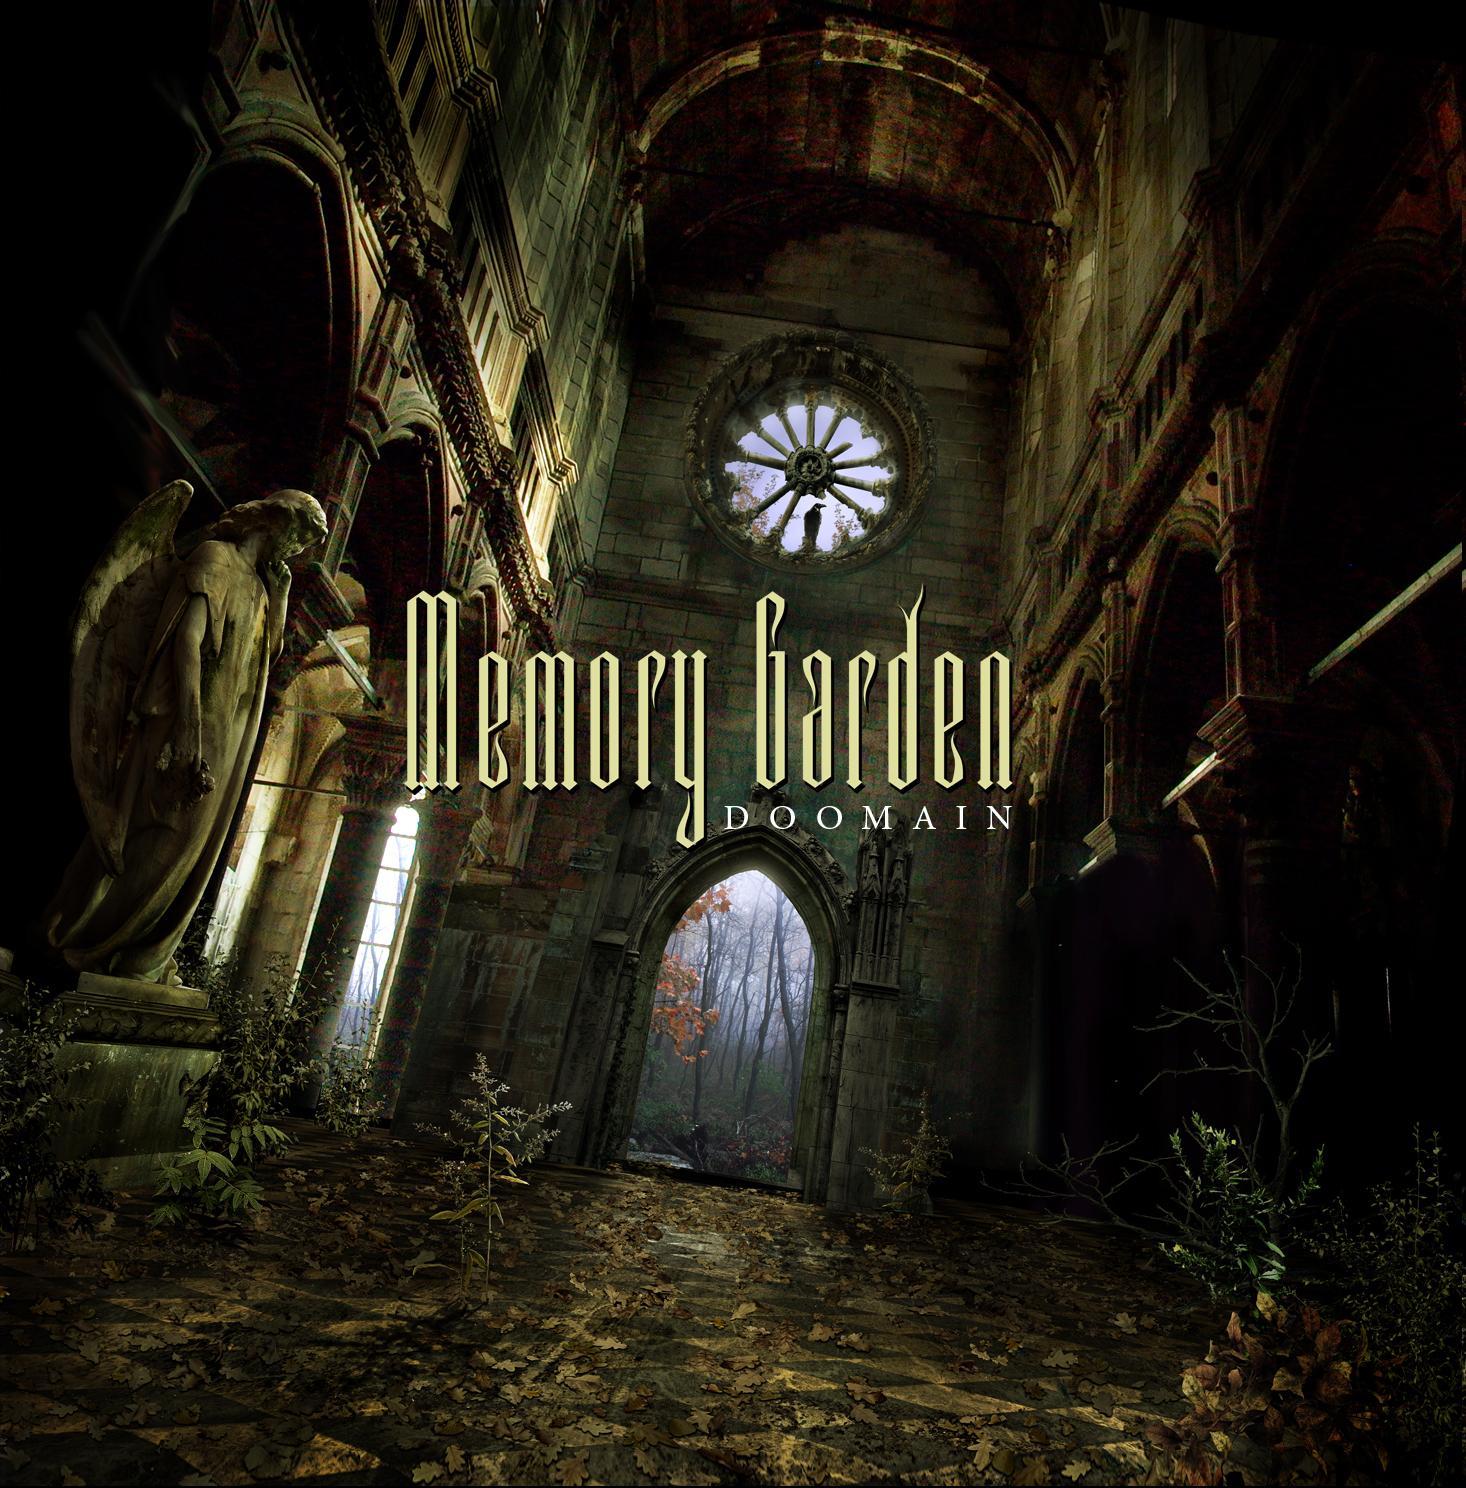 Memory Garden DOOMAIN (2013)